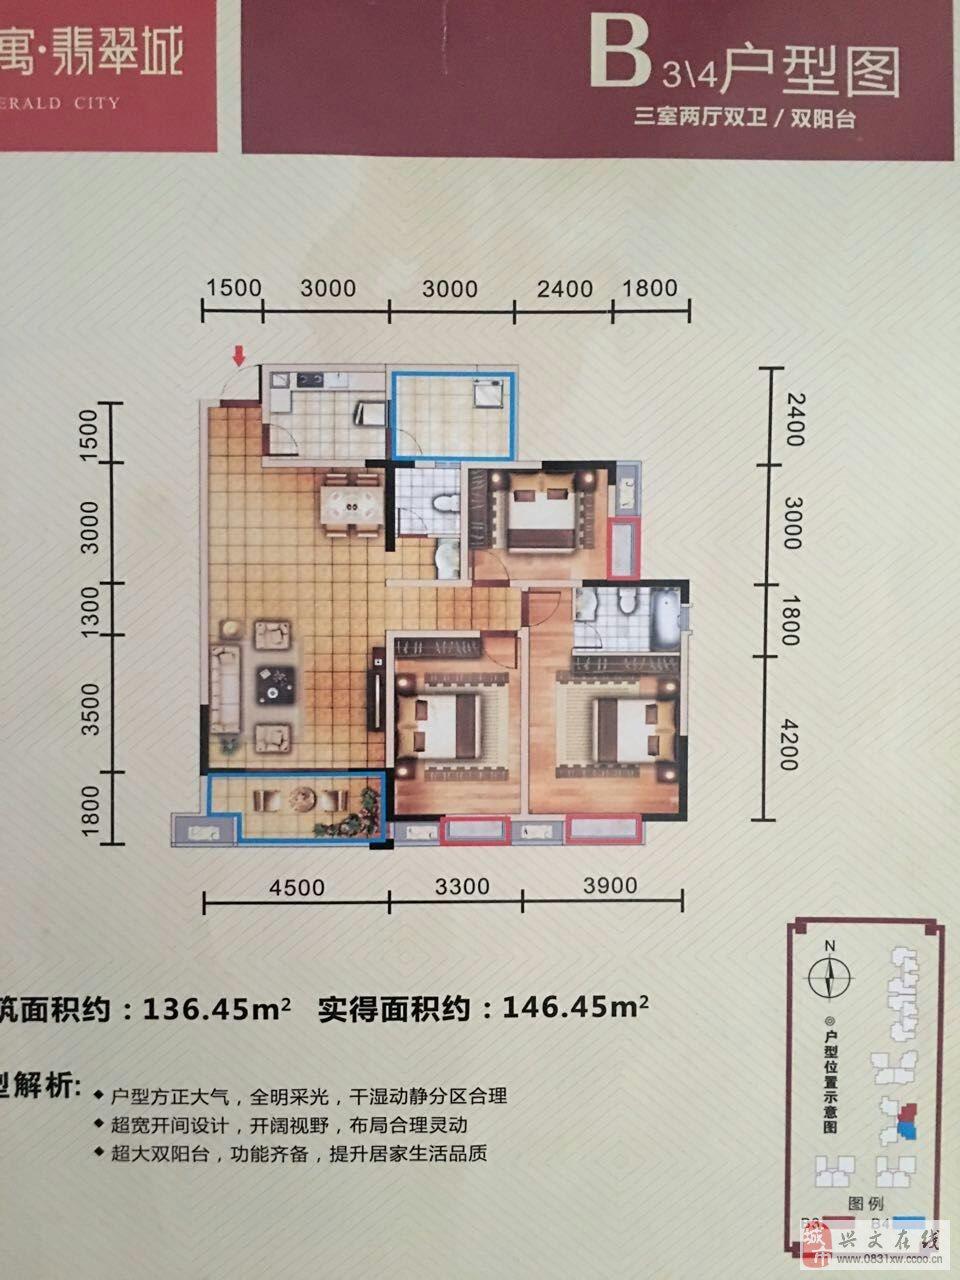 带电梯自建房平面设计图展示